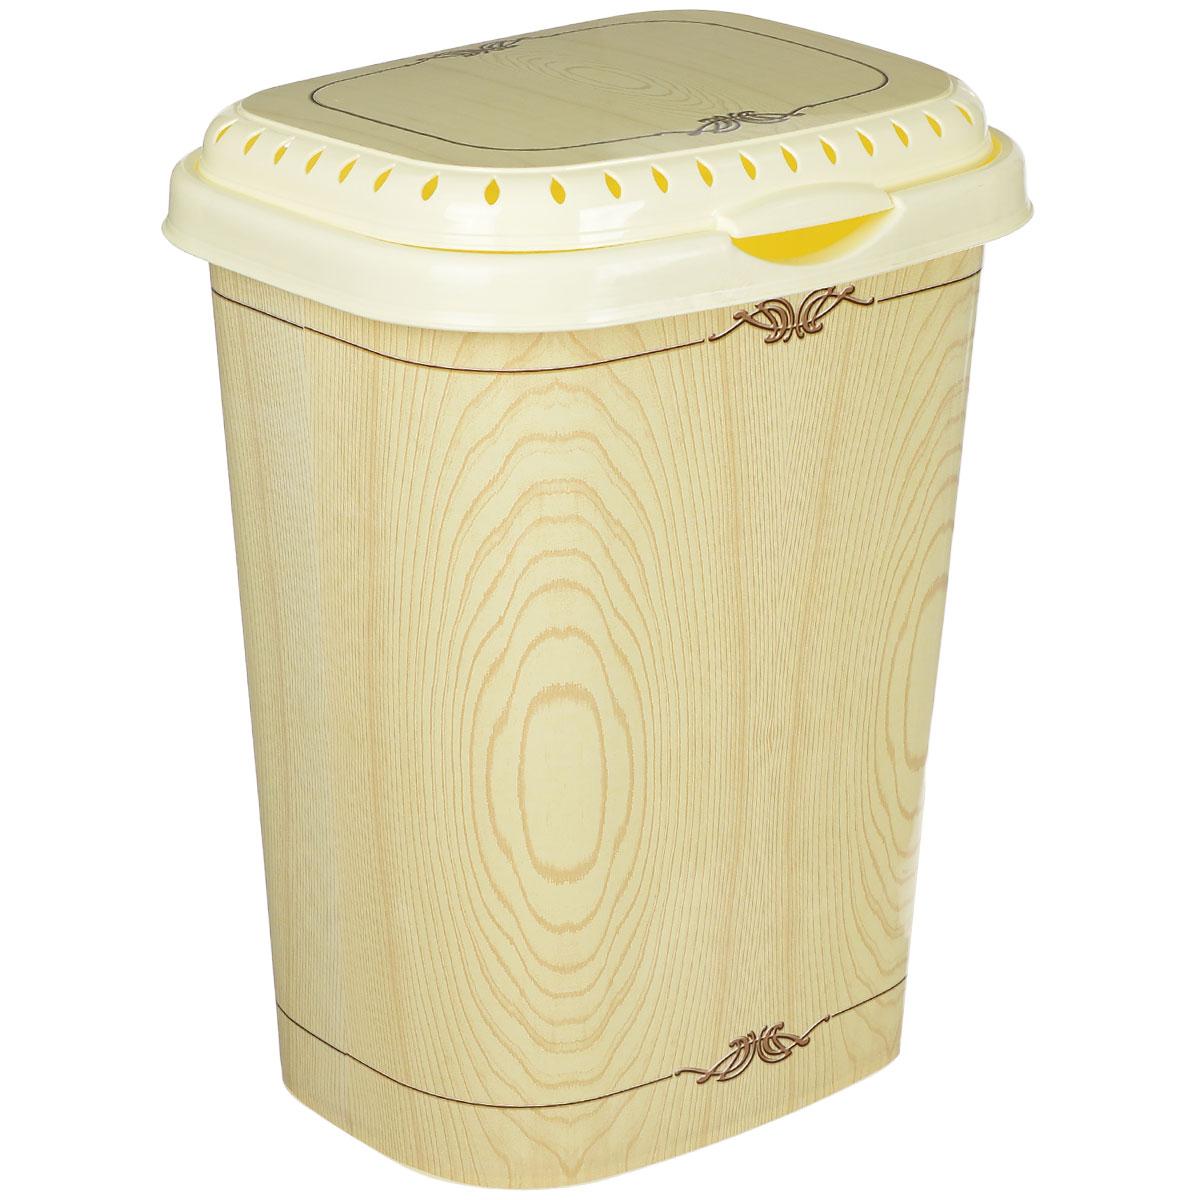 Корзина для белья Violet Беленый дуб с крышкой, цвет: слоновая кость, коричневый, 55 л1960/91Легкая и удобная корзина Violet Беленый дуб прямоугольной формы изготовлена из пластика. Она отлично подойдет для хранения белья перед стиркой. Сплошные стенки с небольшими отверстиями на крышке скрывает содержимое корзины от посторонних и создает идеальные условия для проветривания. Изделие оснащено крышкой. Такая корзина для белья прекрасно впишется в интерьер ванной комнаты.